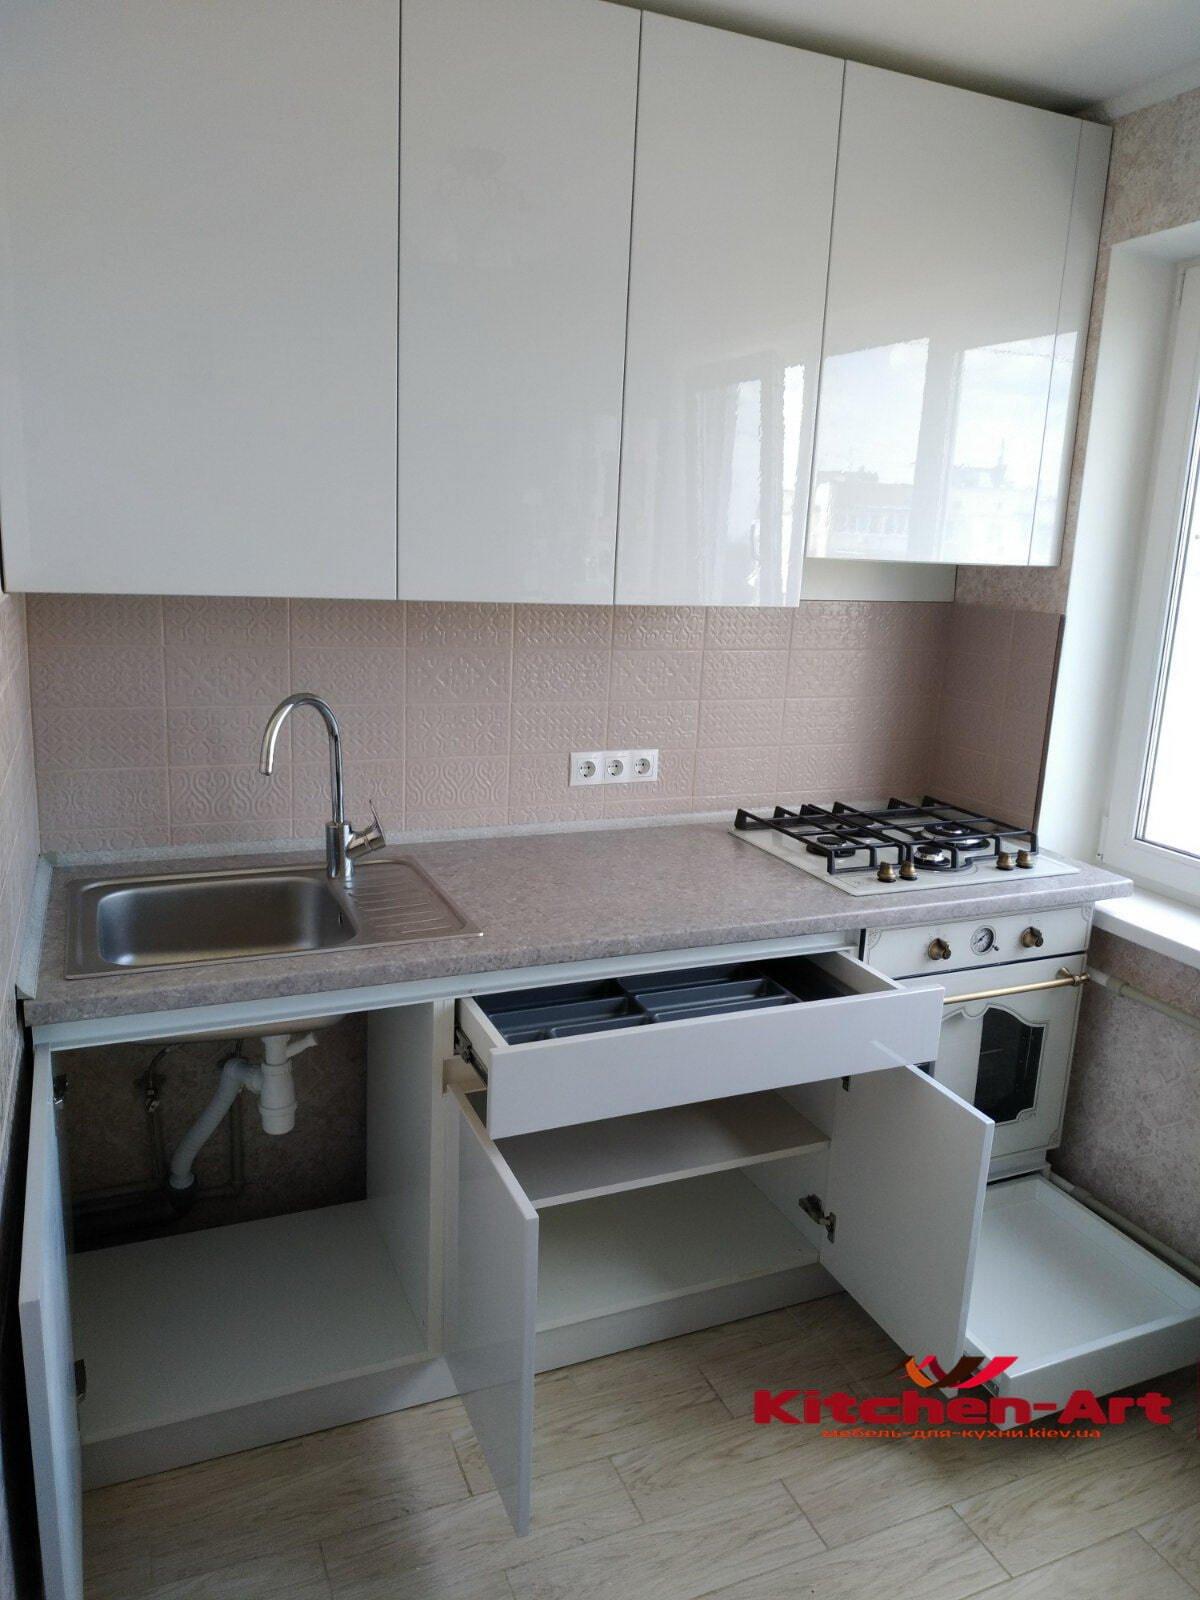 встроенная маленькая кухня на заказ Киев